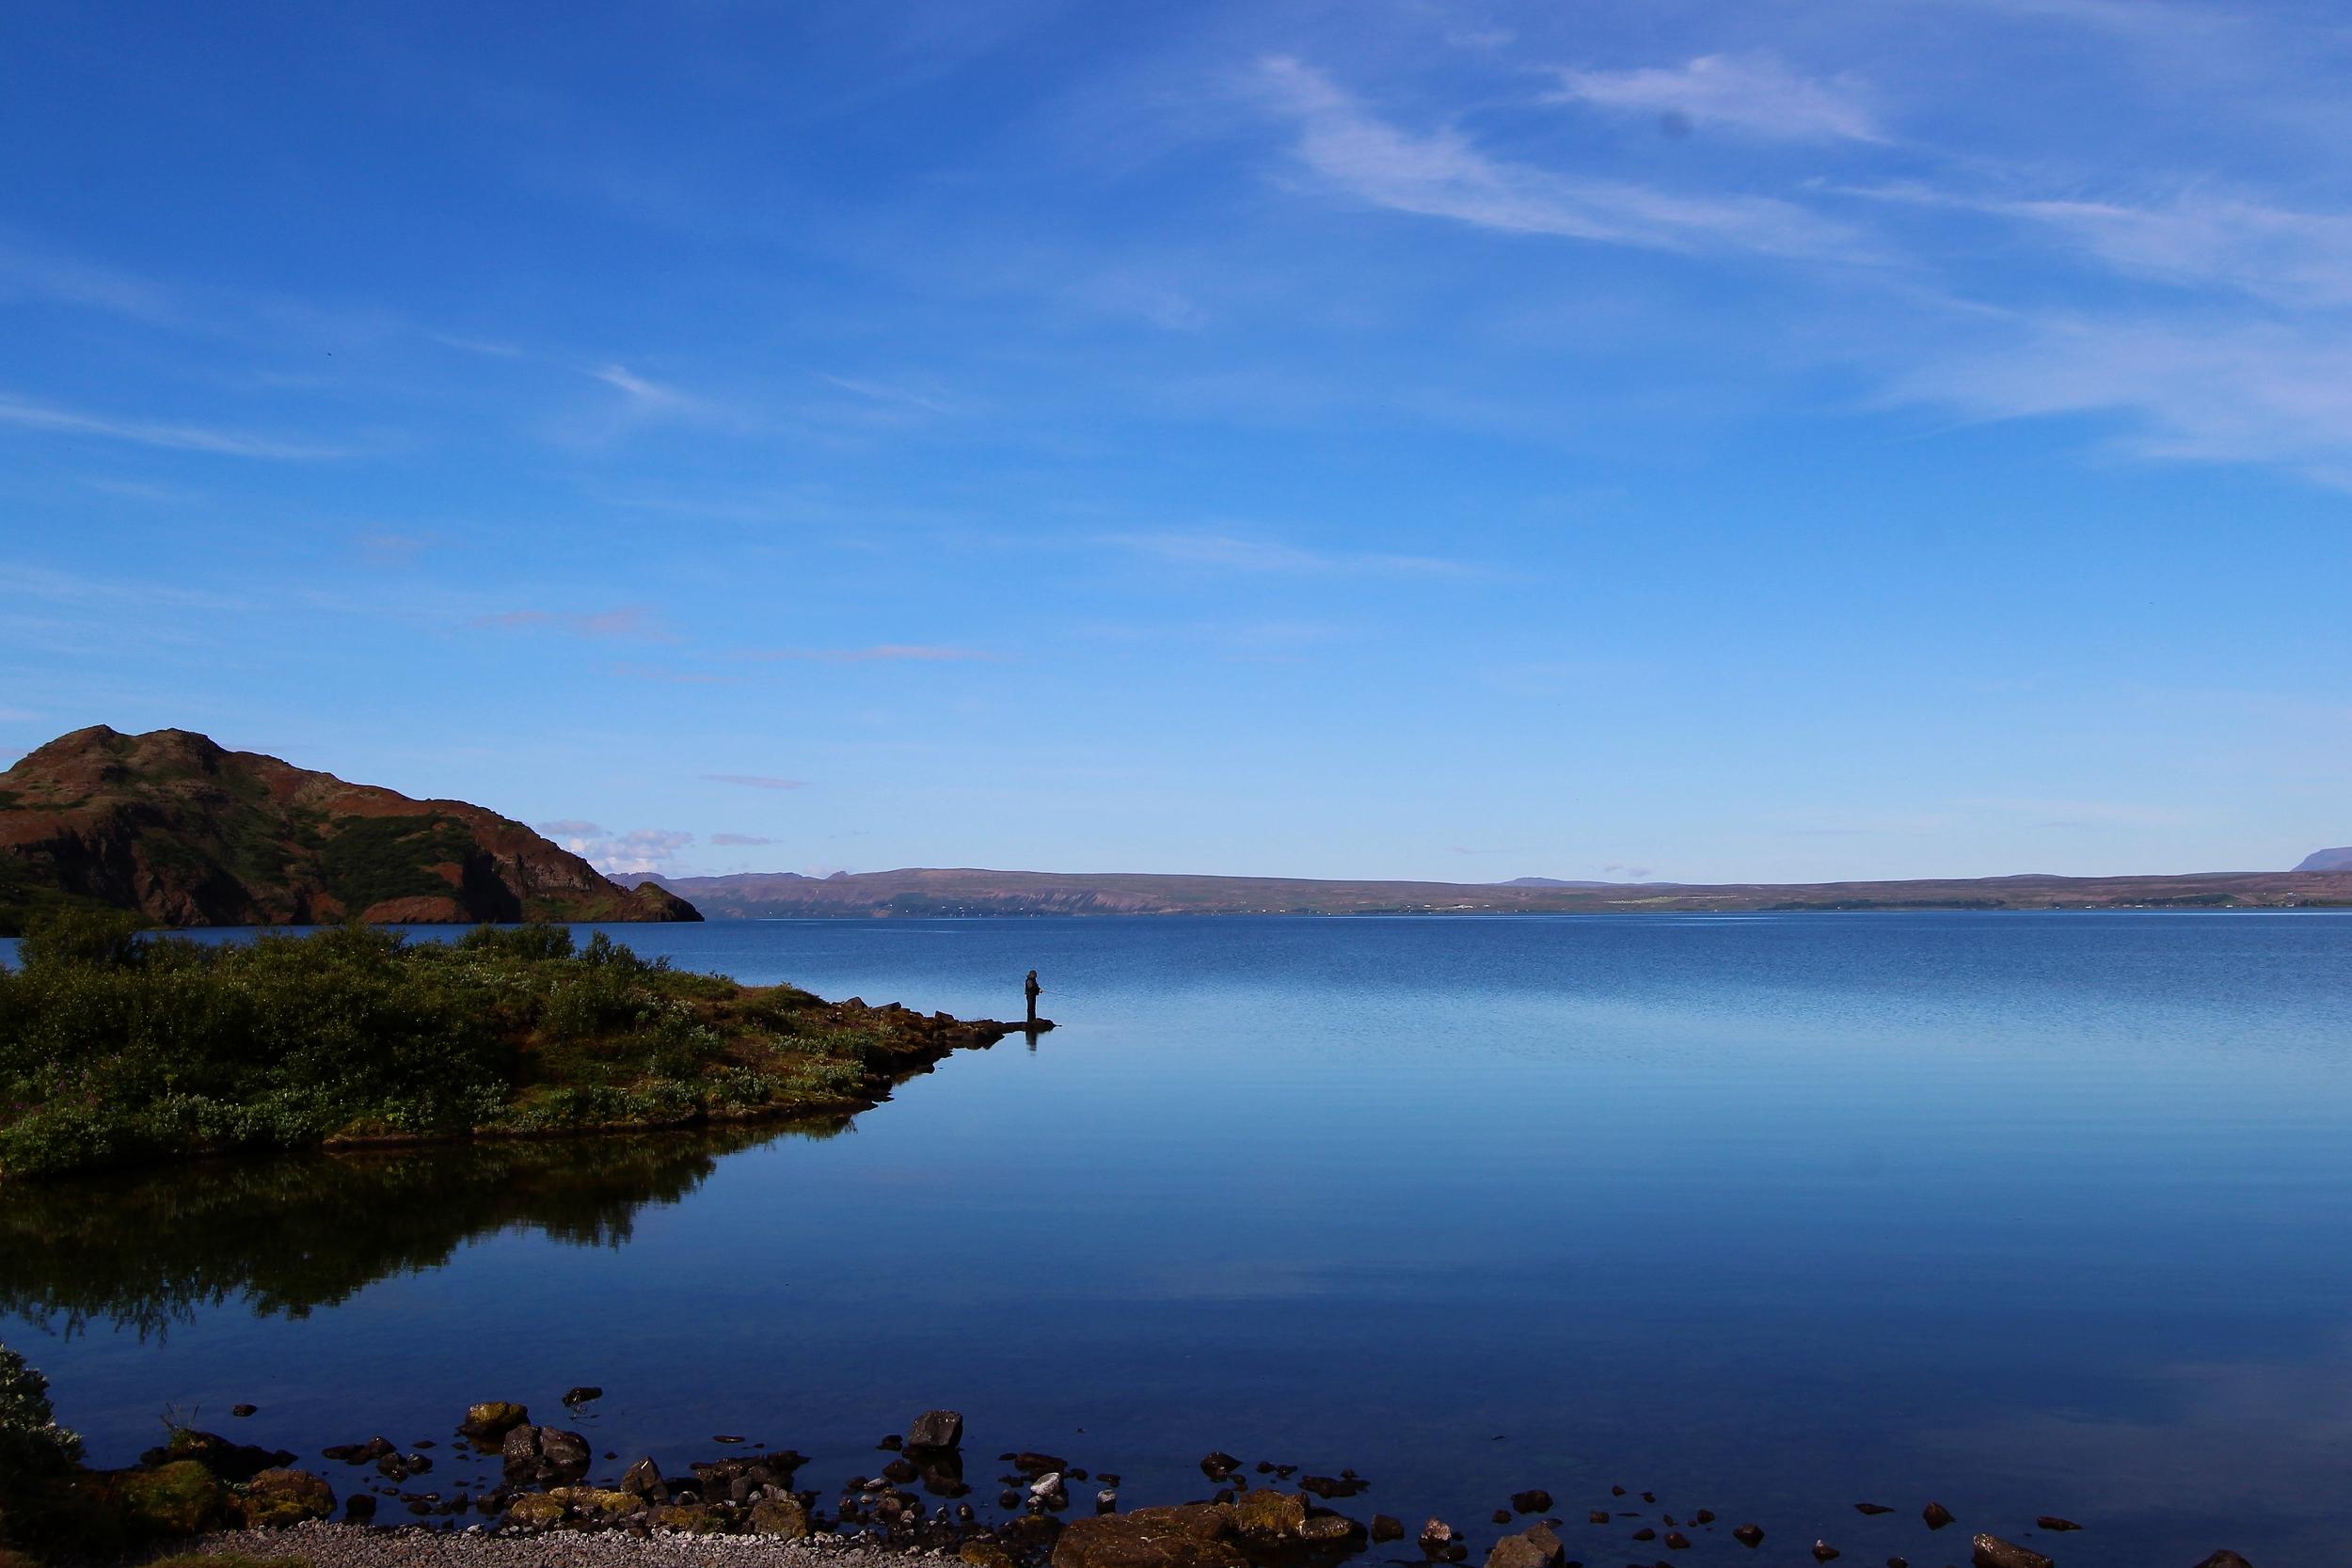 Þingvellir National Park - Lone Fisherman